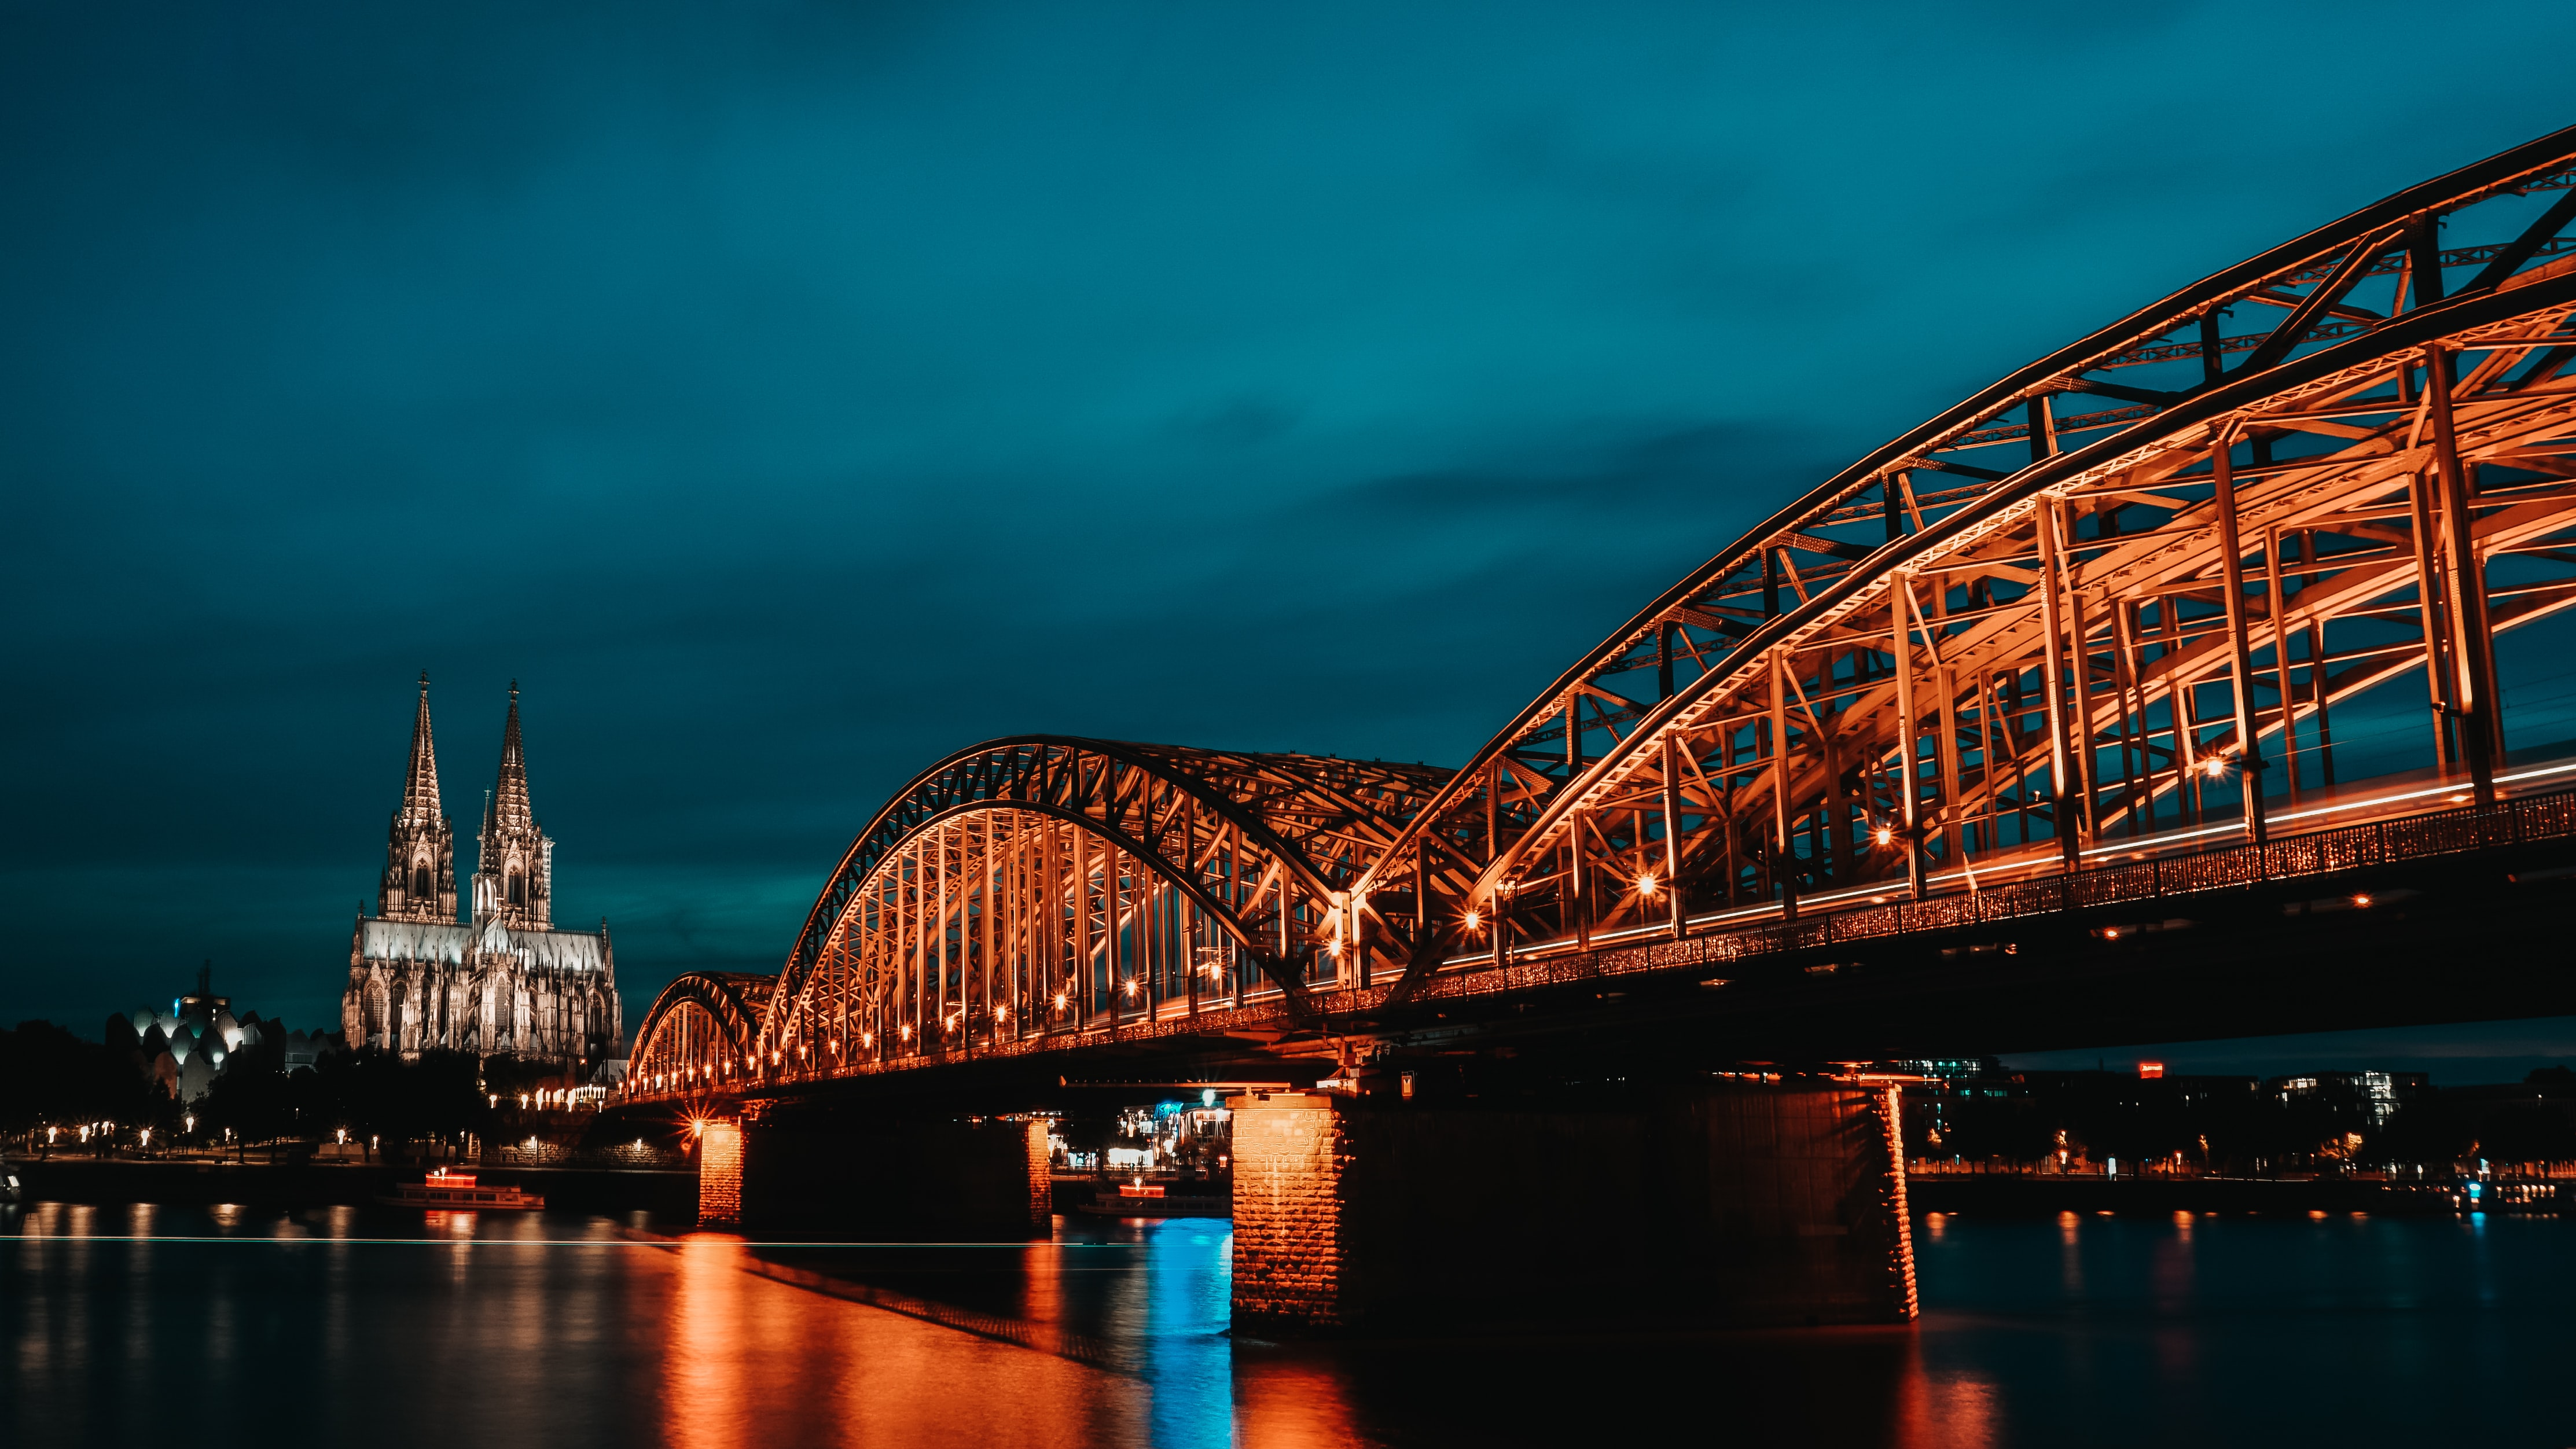 Die 5 besten Stadtteile für ein Immobilieninvestment in Köln